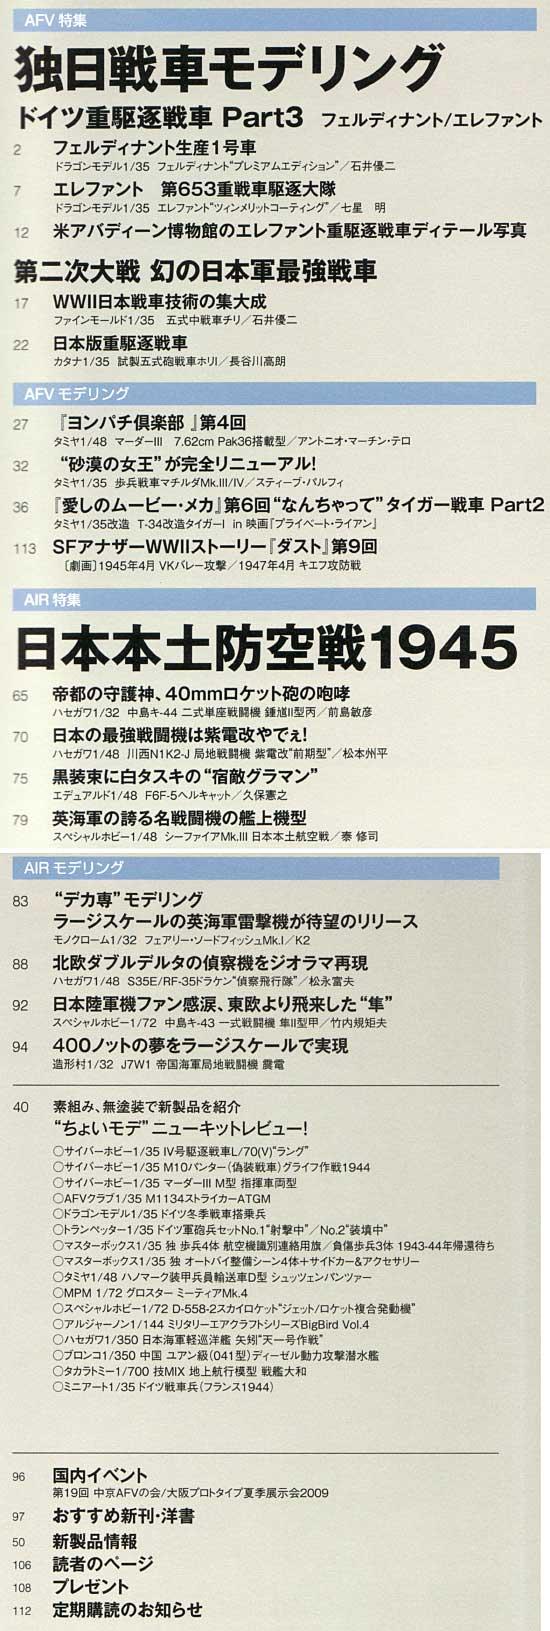 マスターモデラーズ Vol.75 (2009年11月)雑誌(芸文社マスターモデラーズNo.Vol.075)商品画像_1